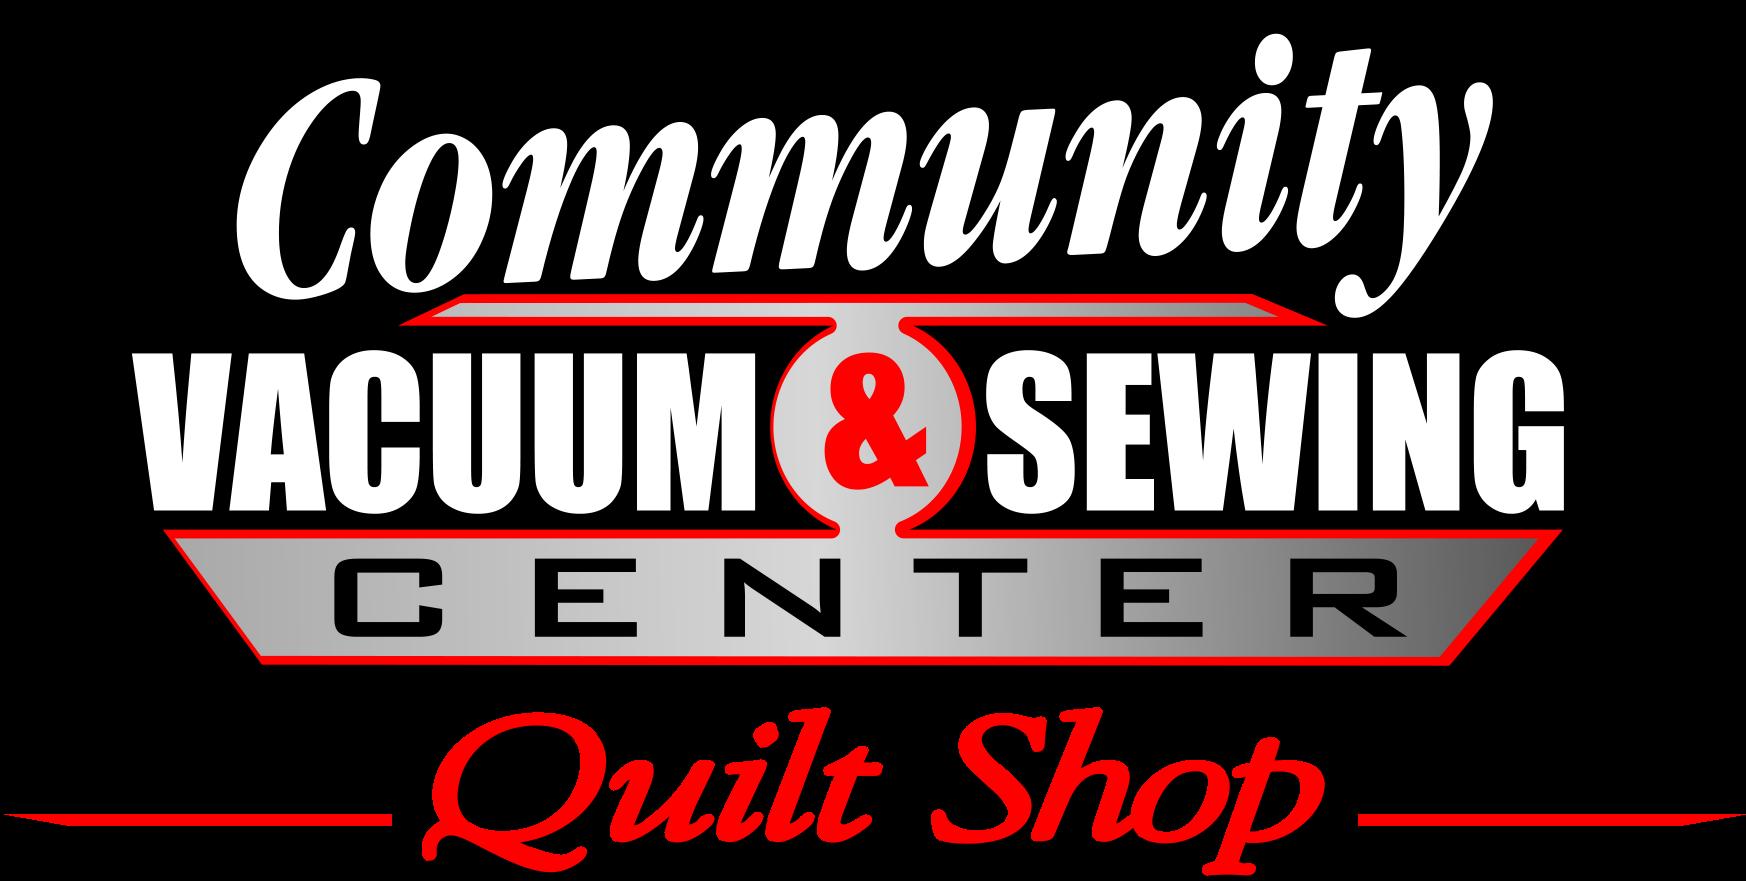 Community Vacuum